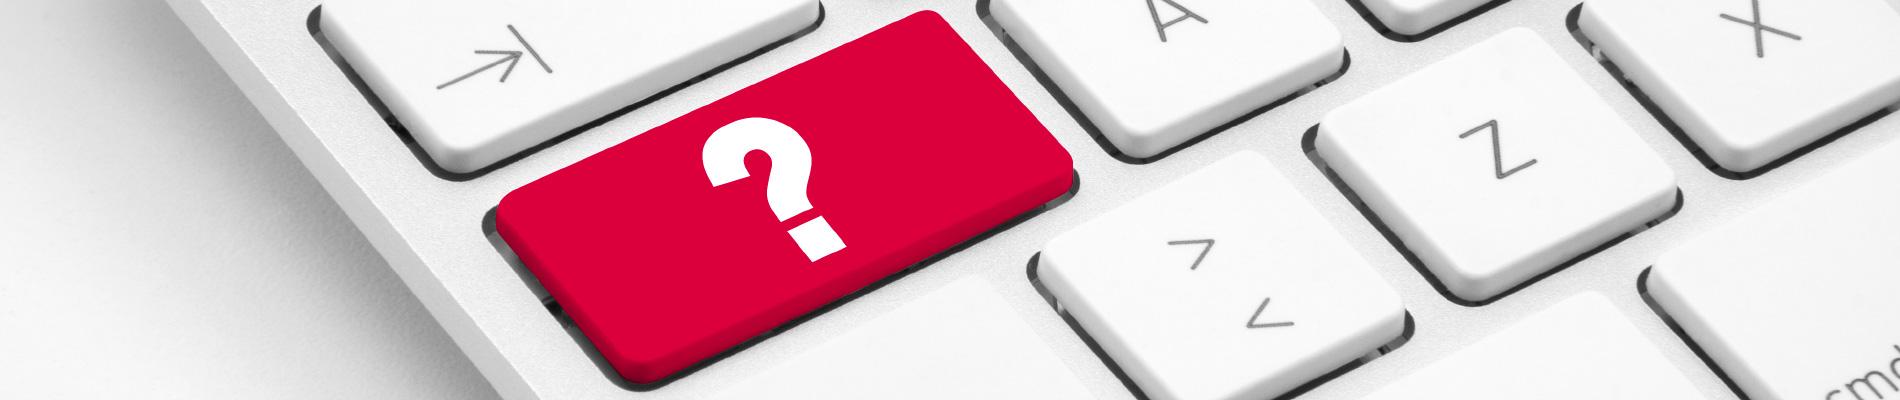 よくある質問 - オイヒナーの仕事に応募する